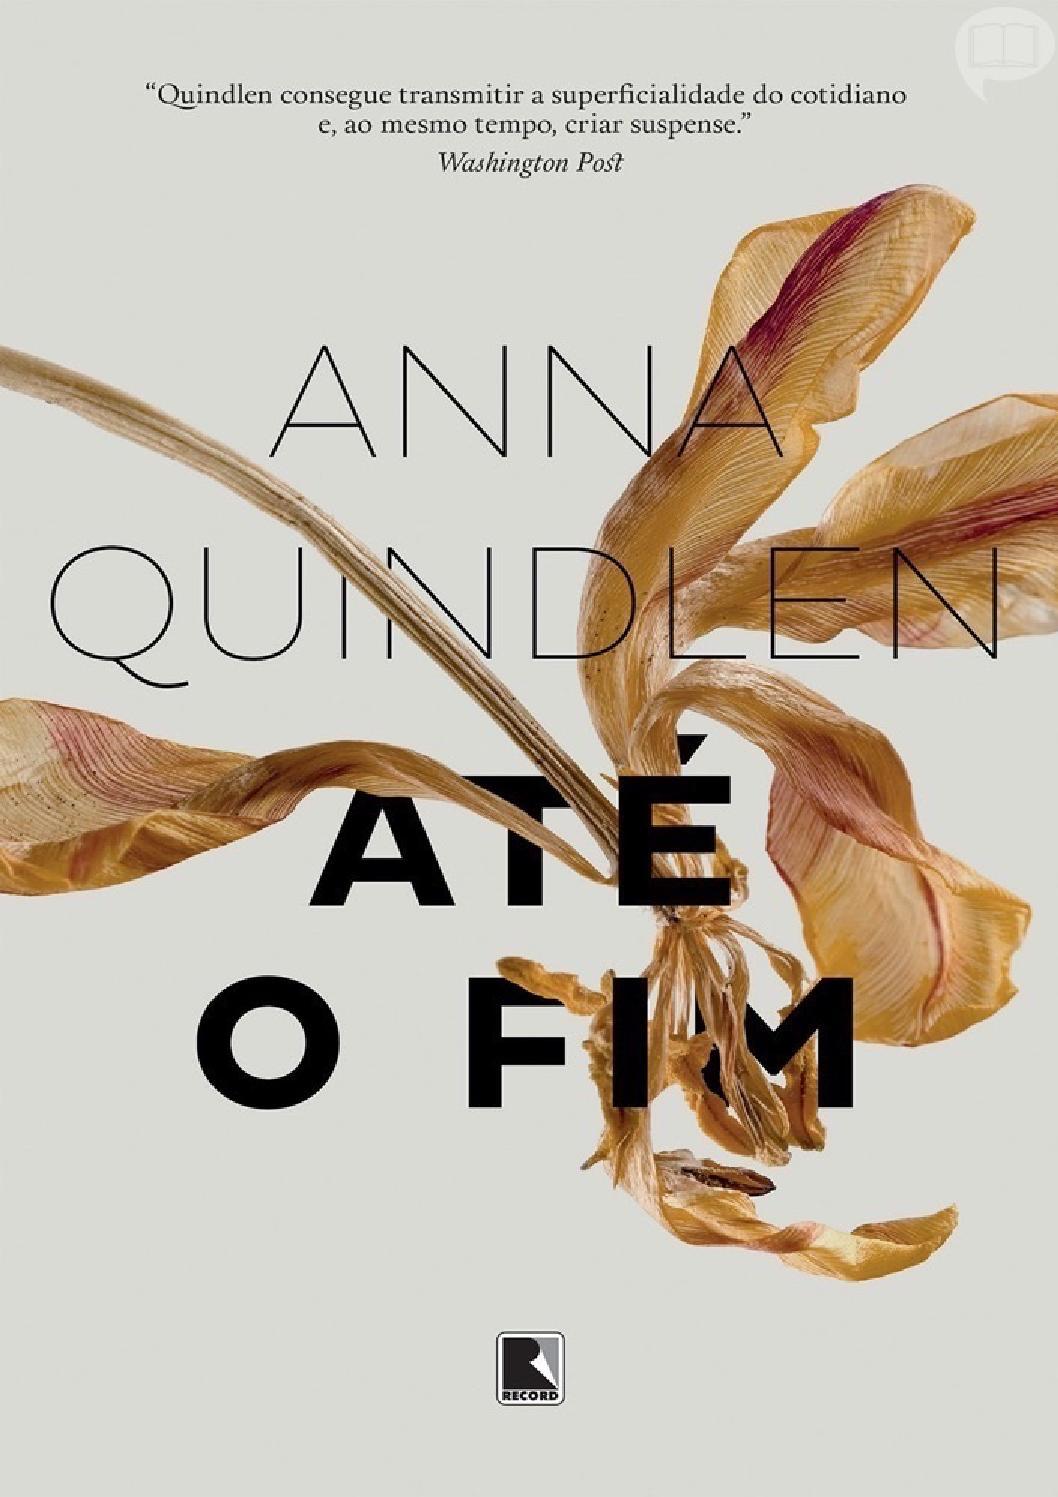 Até o Fim - Anna Quindlen by Mariana Nolasco - issuu 8406272edef